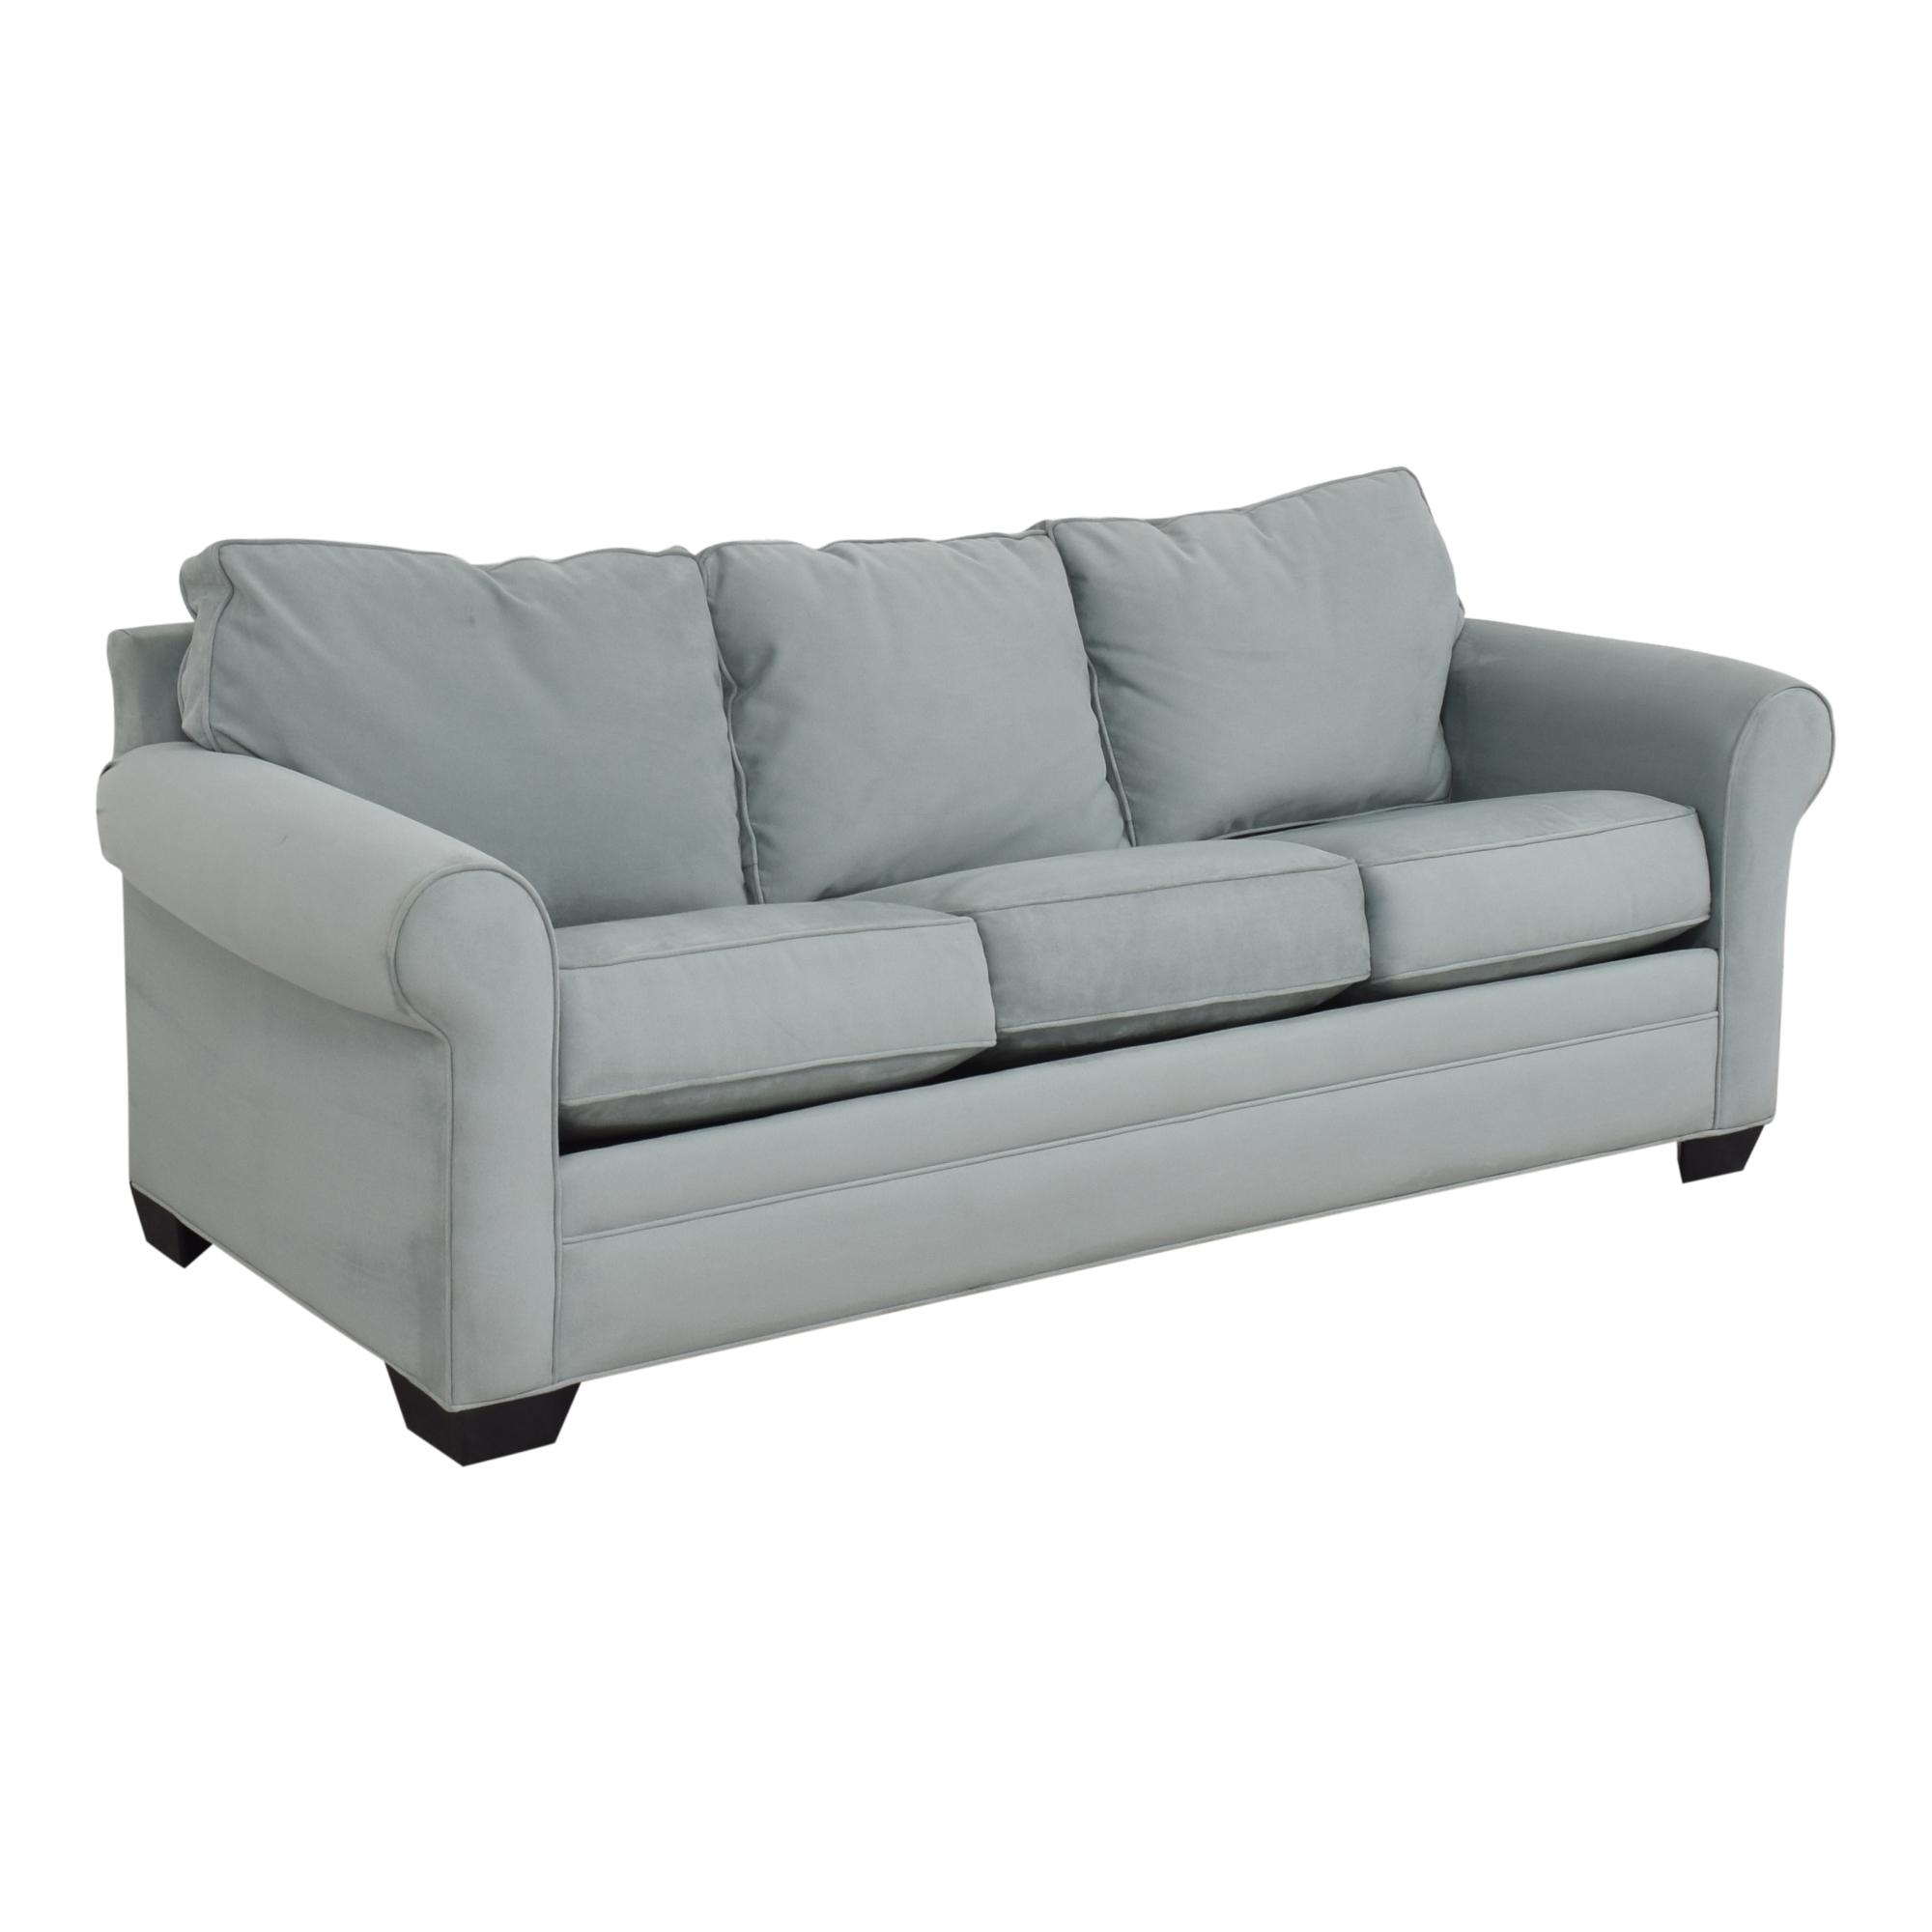 Cindy Crawford Home Cindy Crawford Home Bellingham Hydra Sleeper Sofa ma